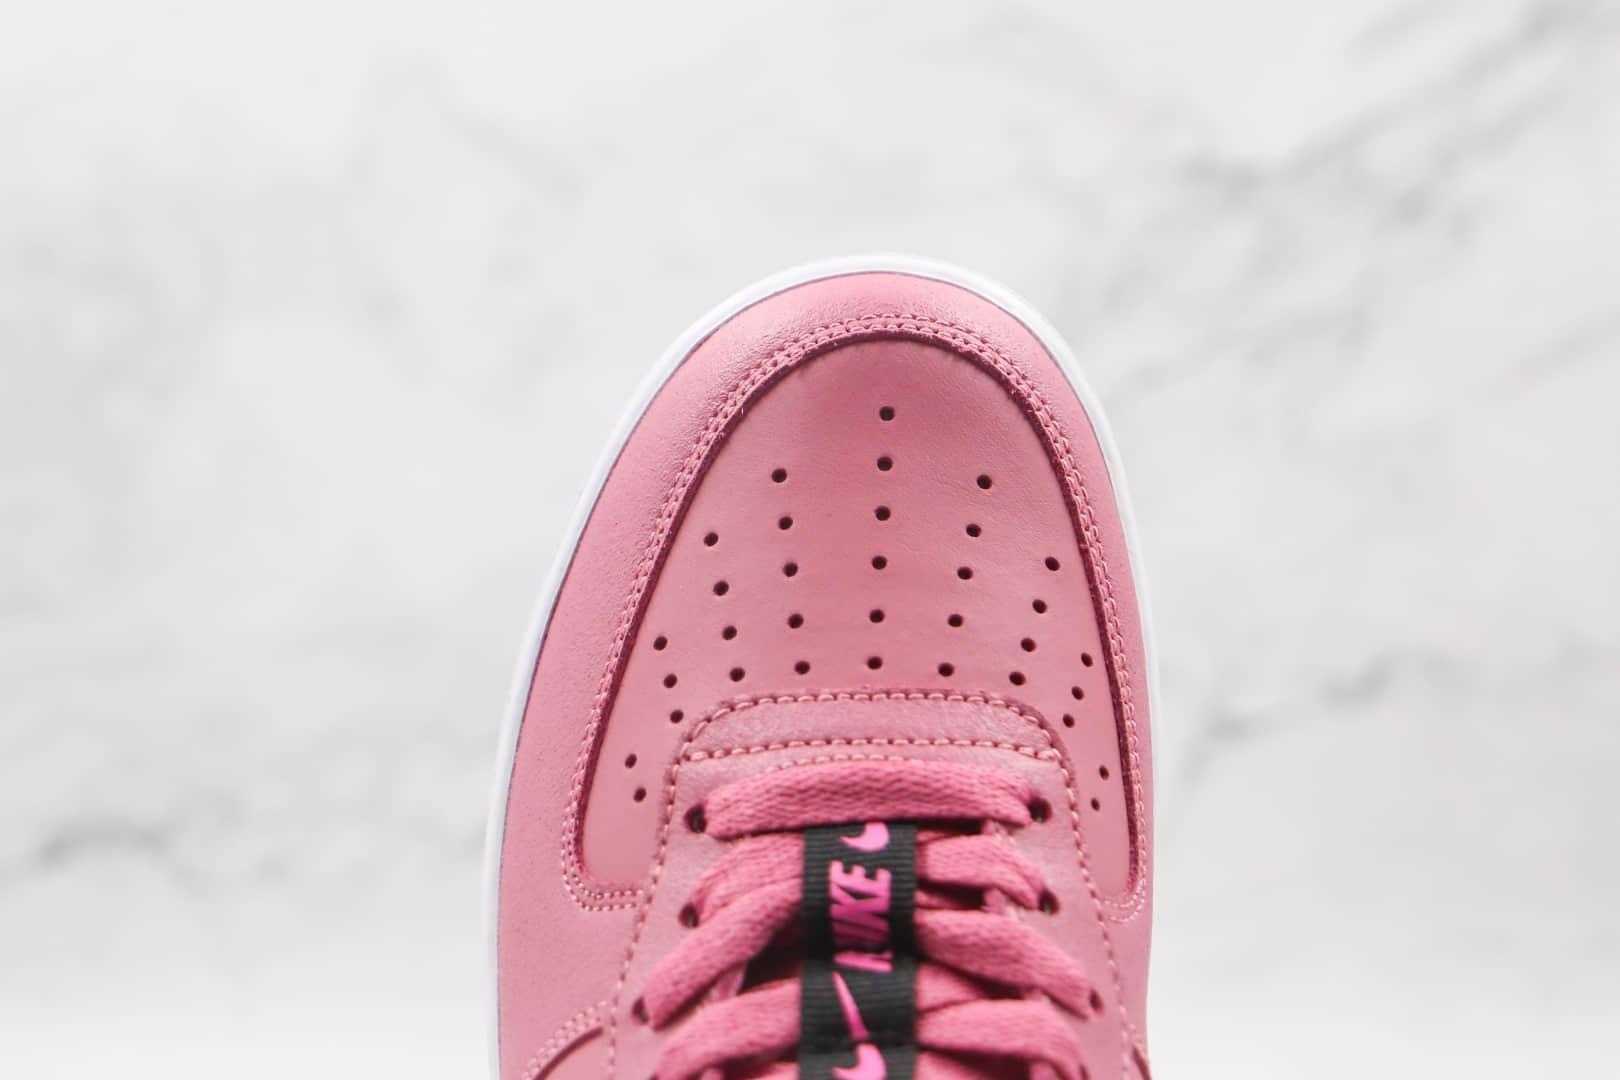 耐克Nike Air Force 1 LVB KSA纯原版本低帮空军一号玫红粉色皮面刺绣3M反光勾板鞋正确鞋面材质 货号:CT4683-600